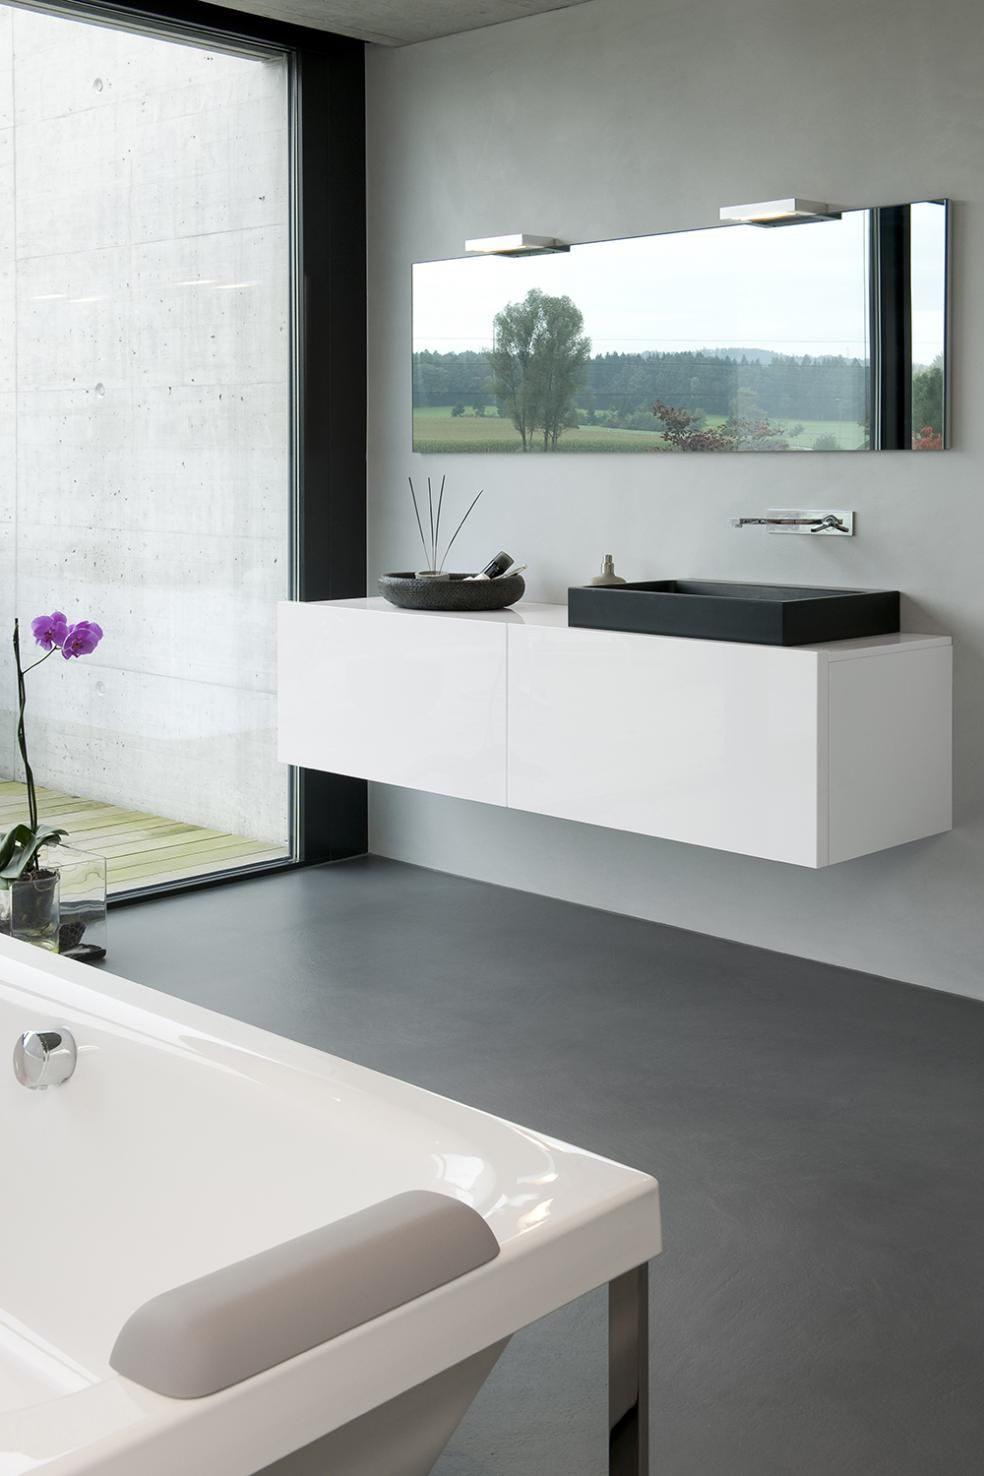 Boden Und Wandbelag Fur Badezimmer Badezimmergestaltung Haus Innenarchitektur Badezimmer